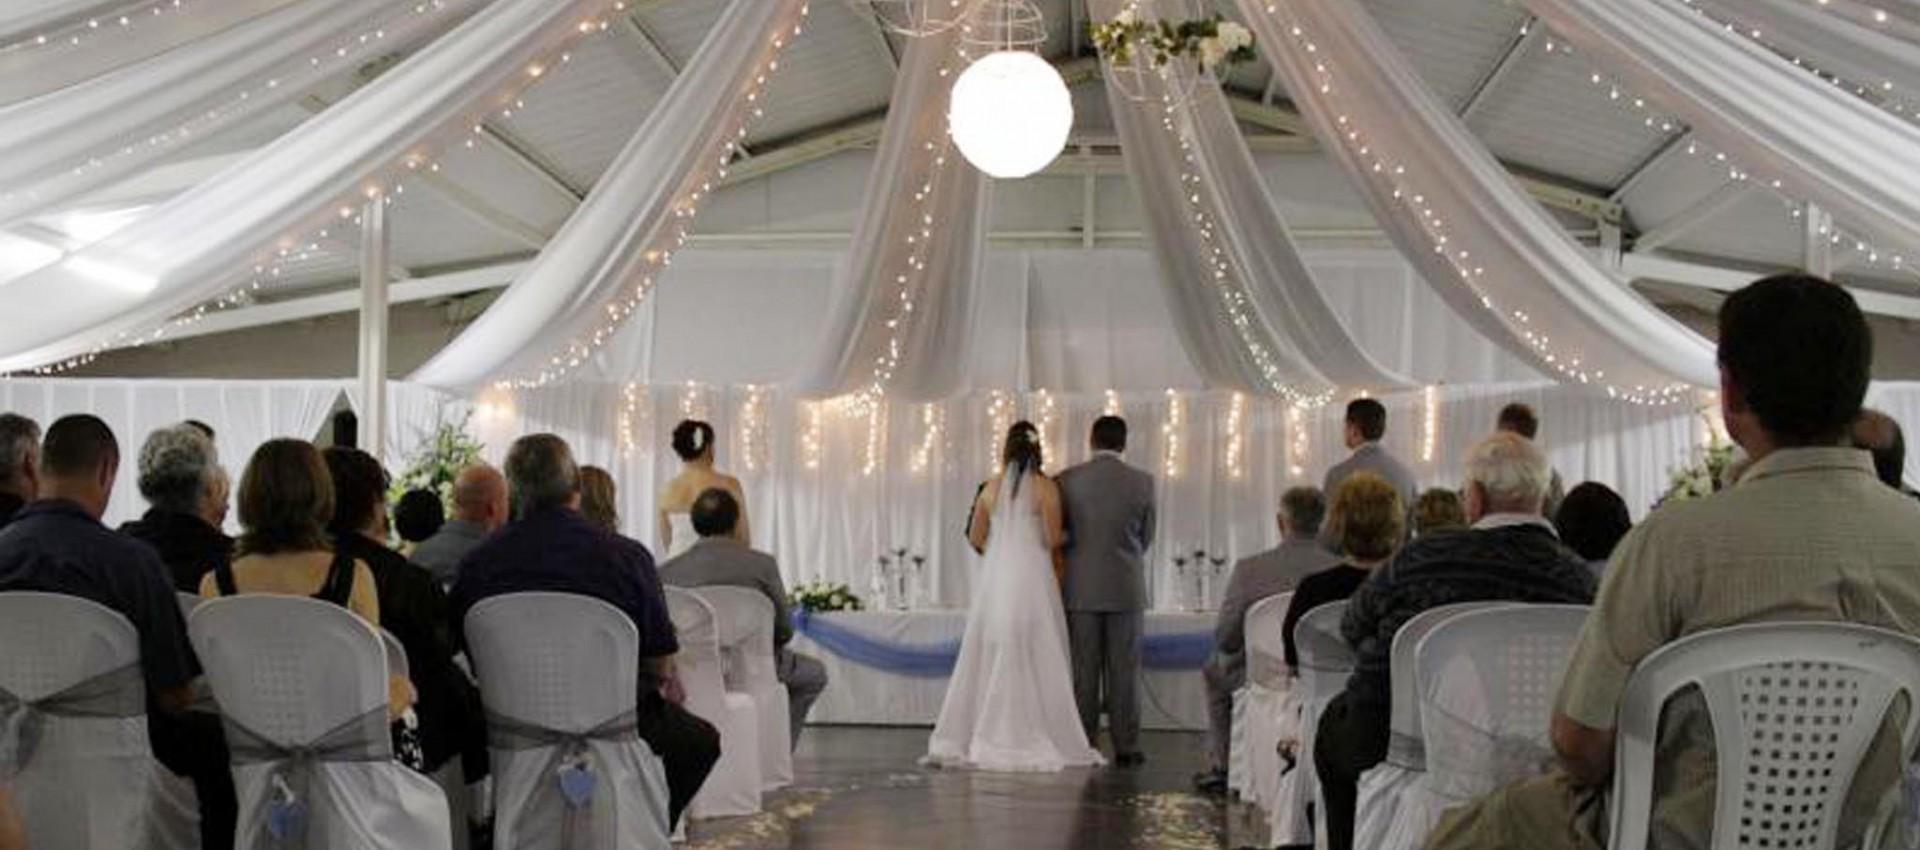 Wedding-4-1920x850